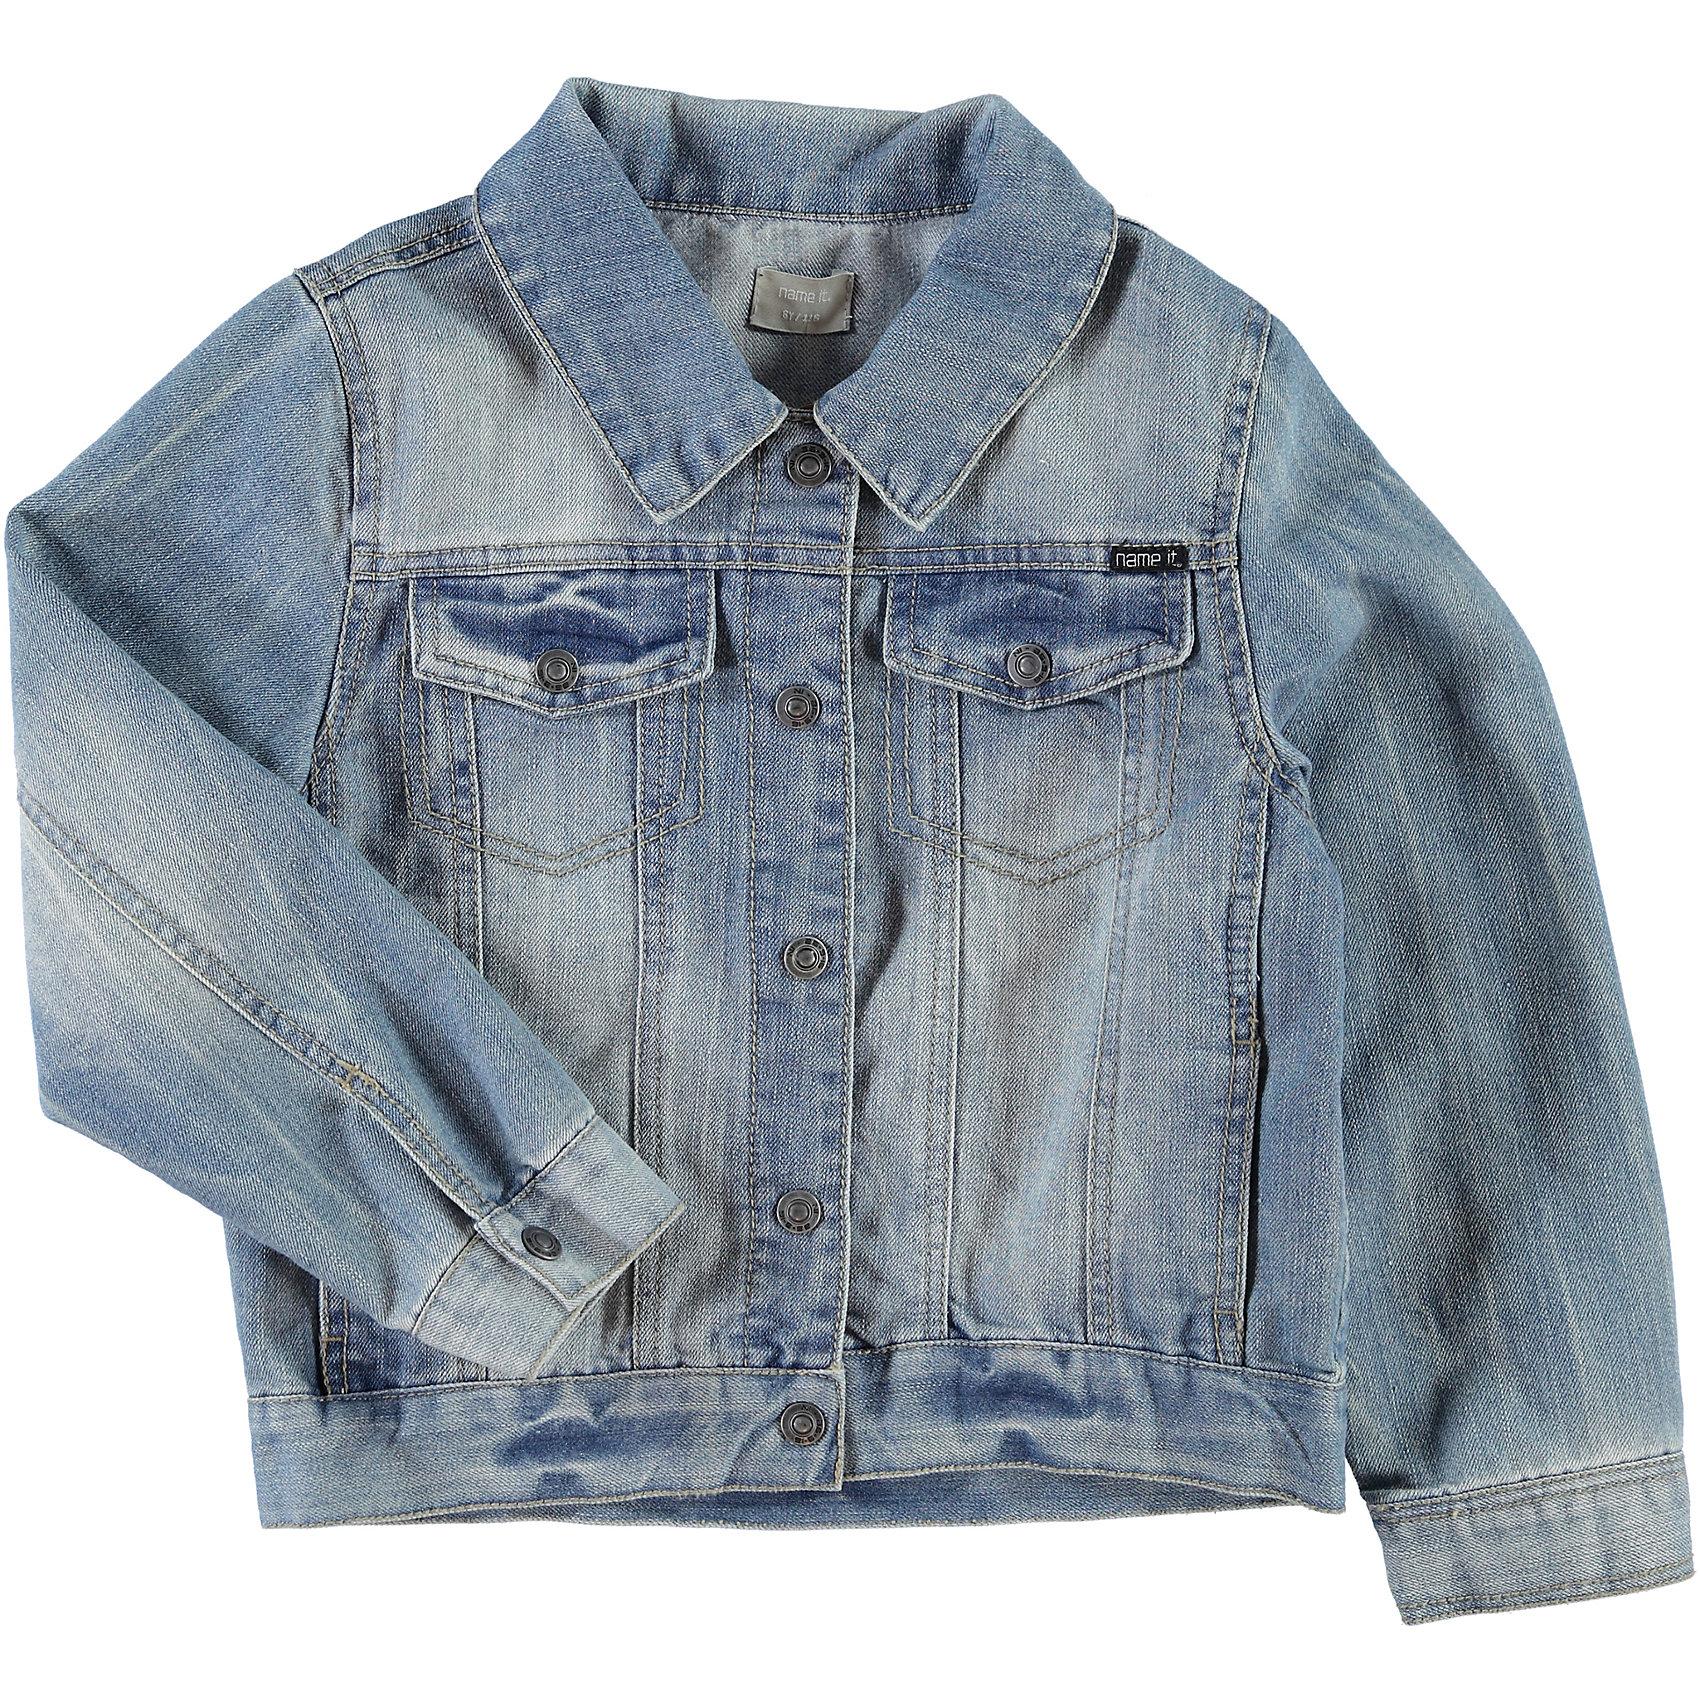 Джинсовая куртка для мальчика name it